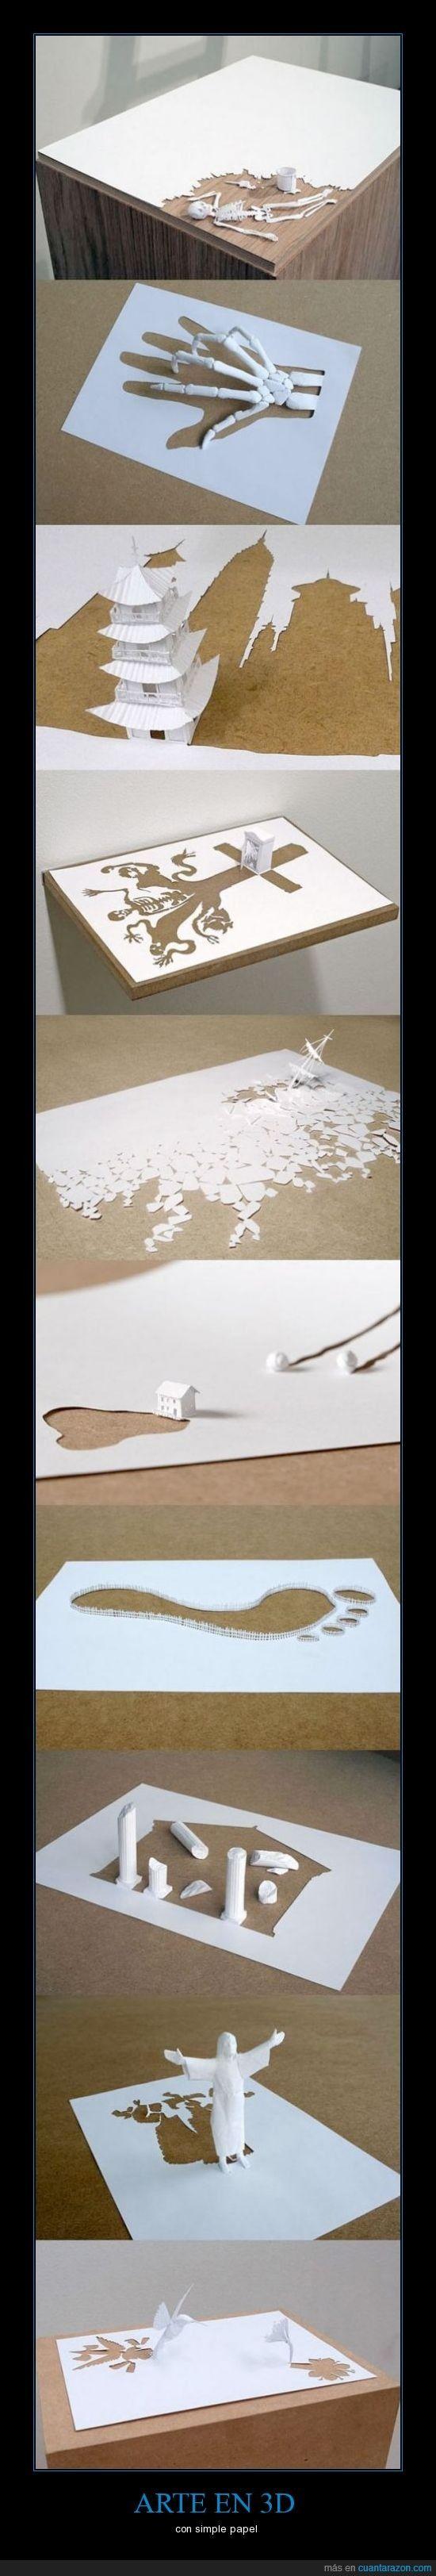 Búsqueda de arte en Cuantarazon.com